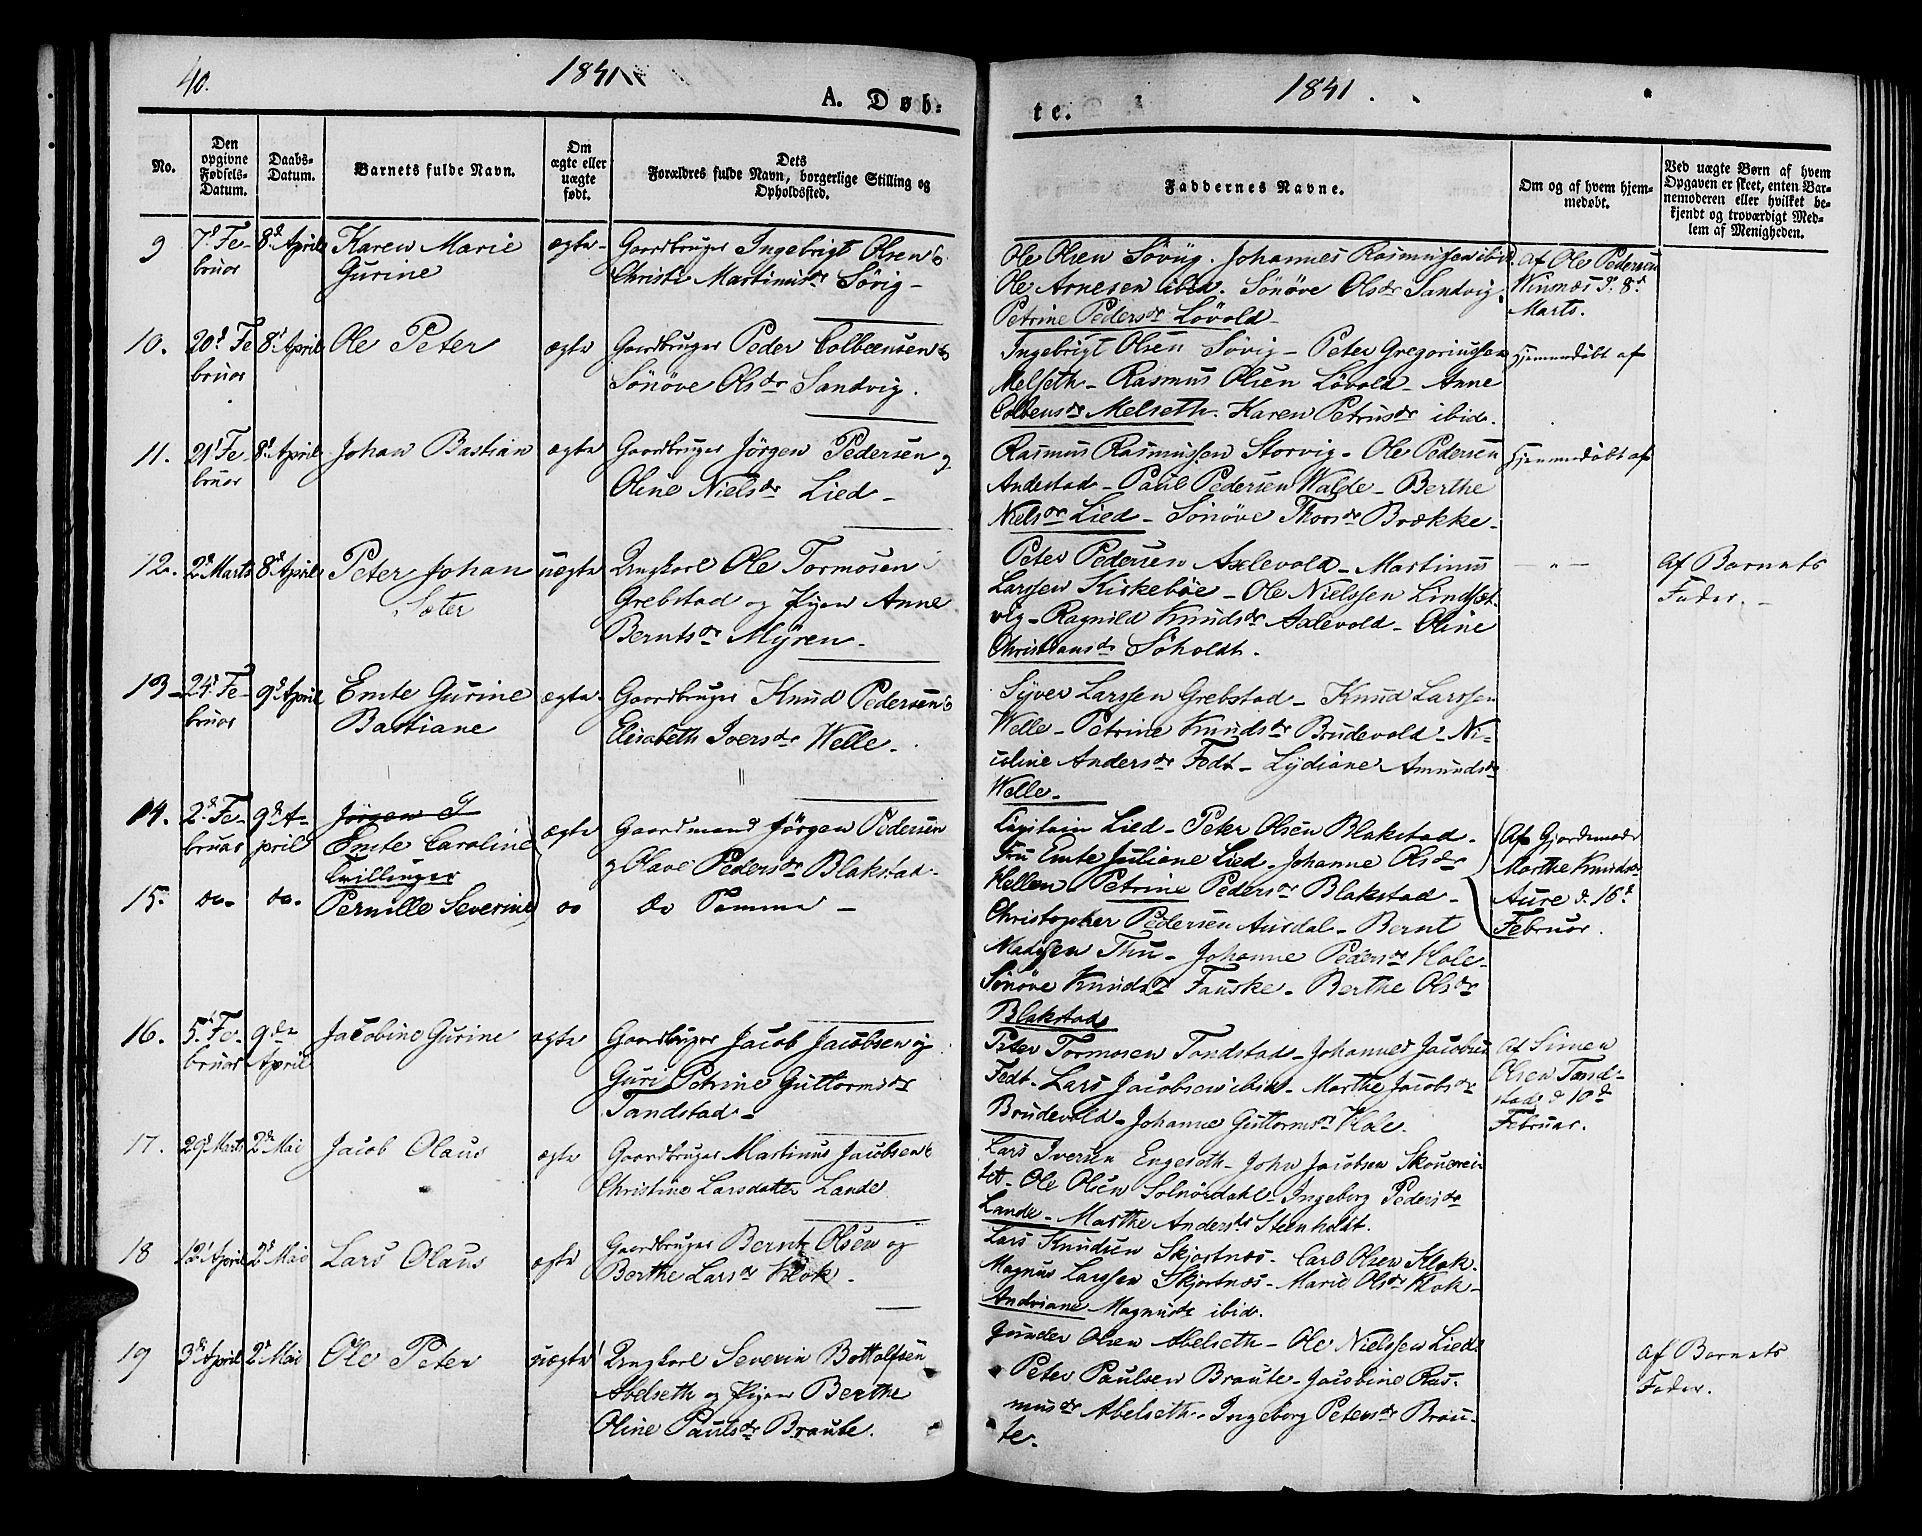 SAT, Ministerialprotokoller, klokkerbøker og fødselsregistre - Møre og Romsdal, 522/L0311: Ministerialbok nr. 522A06, 1832-1842, s. 40